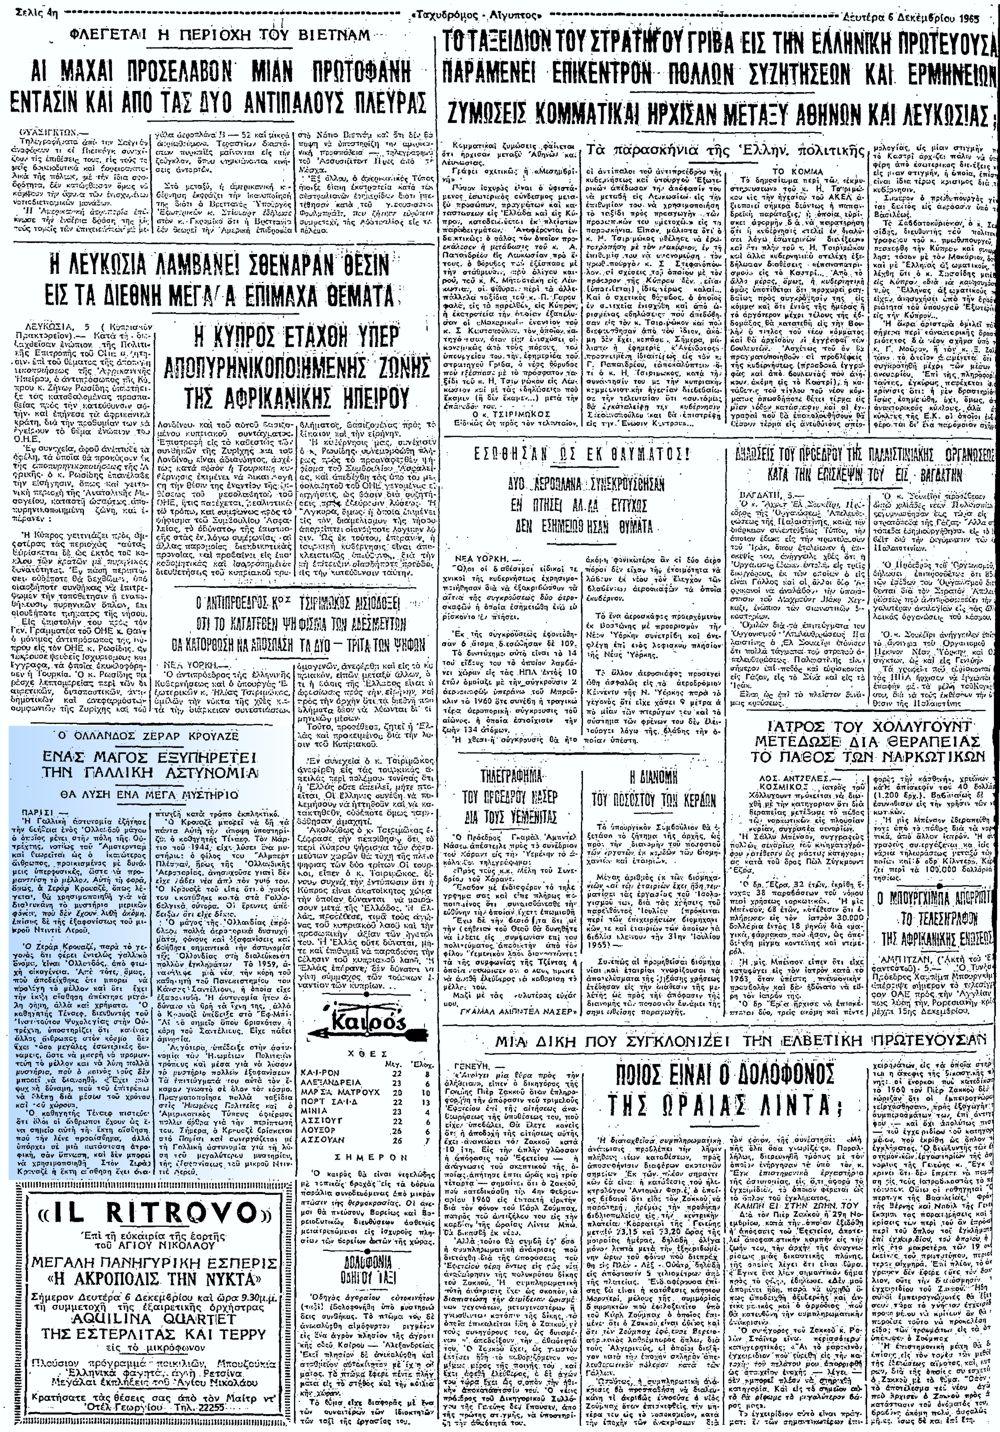 """Το άρθρο, όπως δημοσιεύθηκε στην εφημερίδα """"ΤΑΧΥΔΡΟΜΟΣ"""", στις 06/12/1965"""